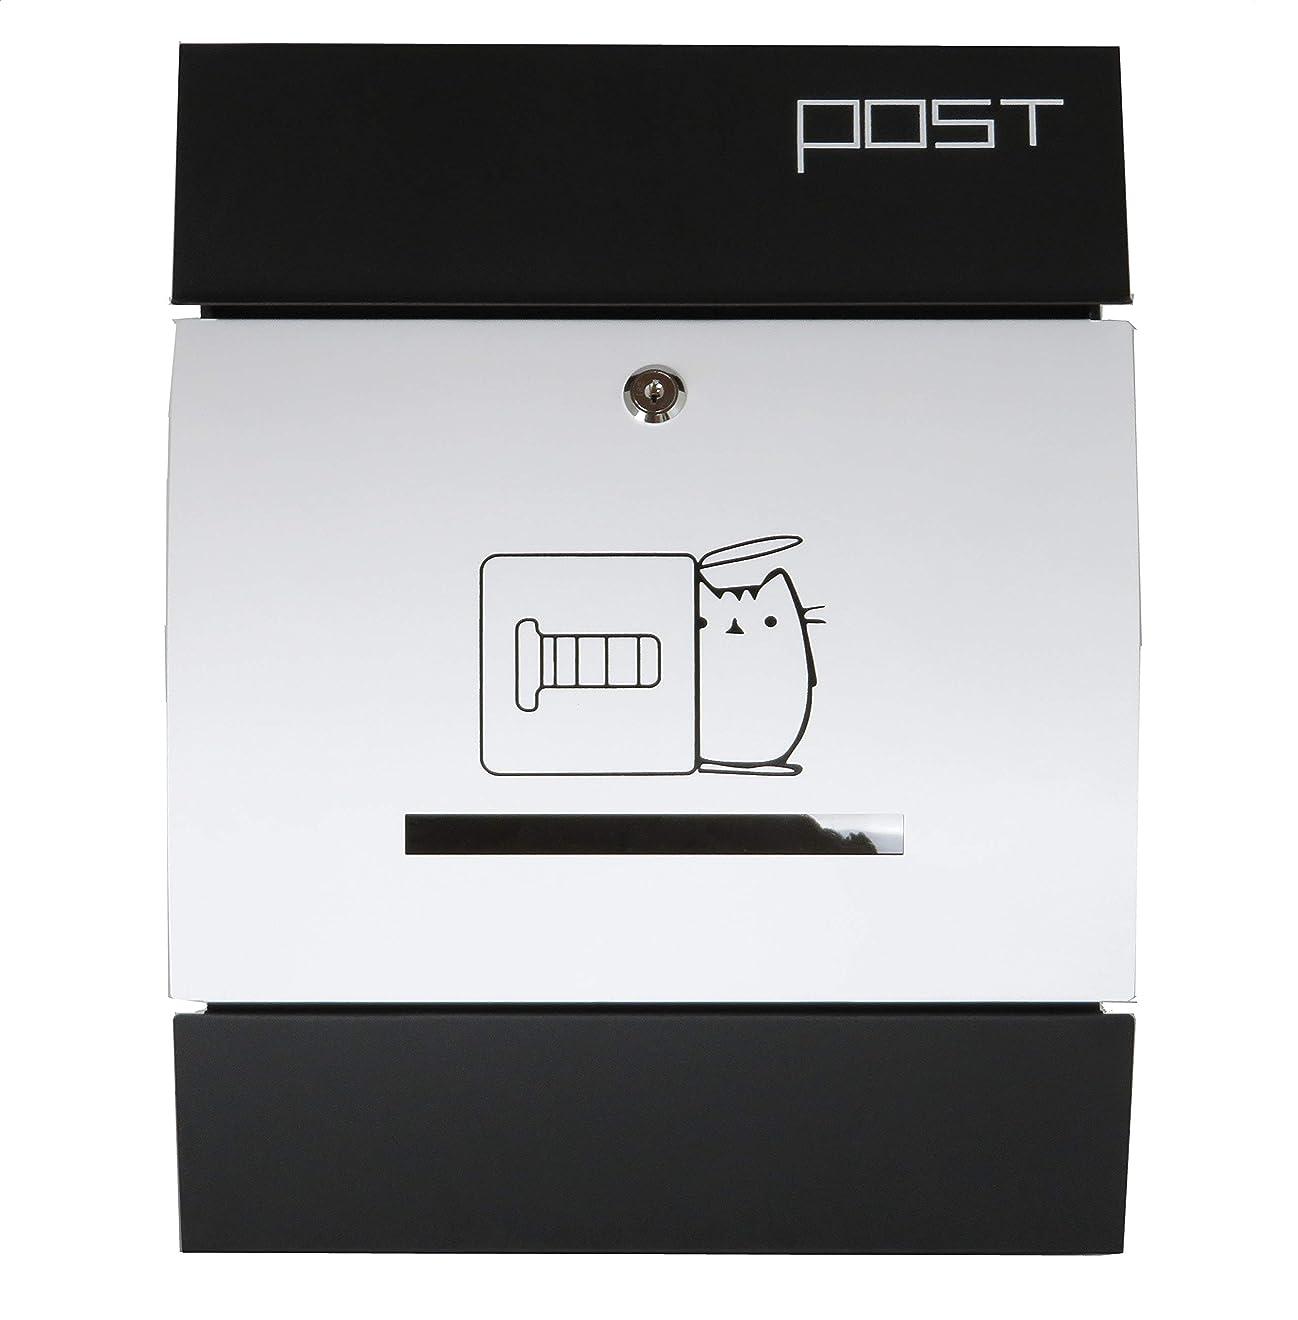 傑作勝利した尋ねるおしゃれな郵便ポスト 人気の北欧デザインメールボックス 大型壁掛け鍵付きマグネット付きホワイト白色猫柄ポストpm197